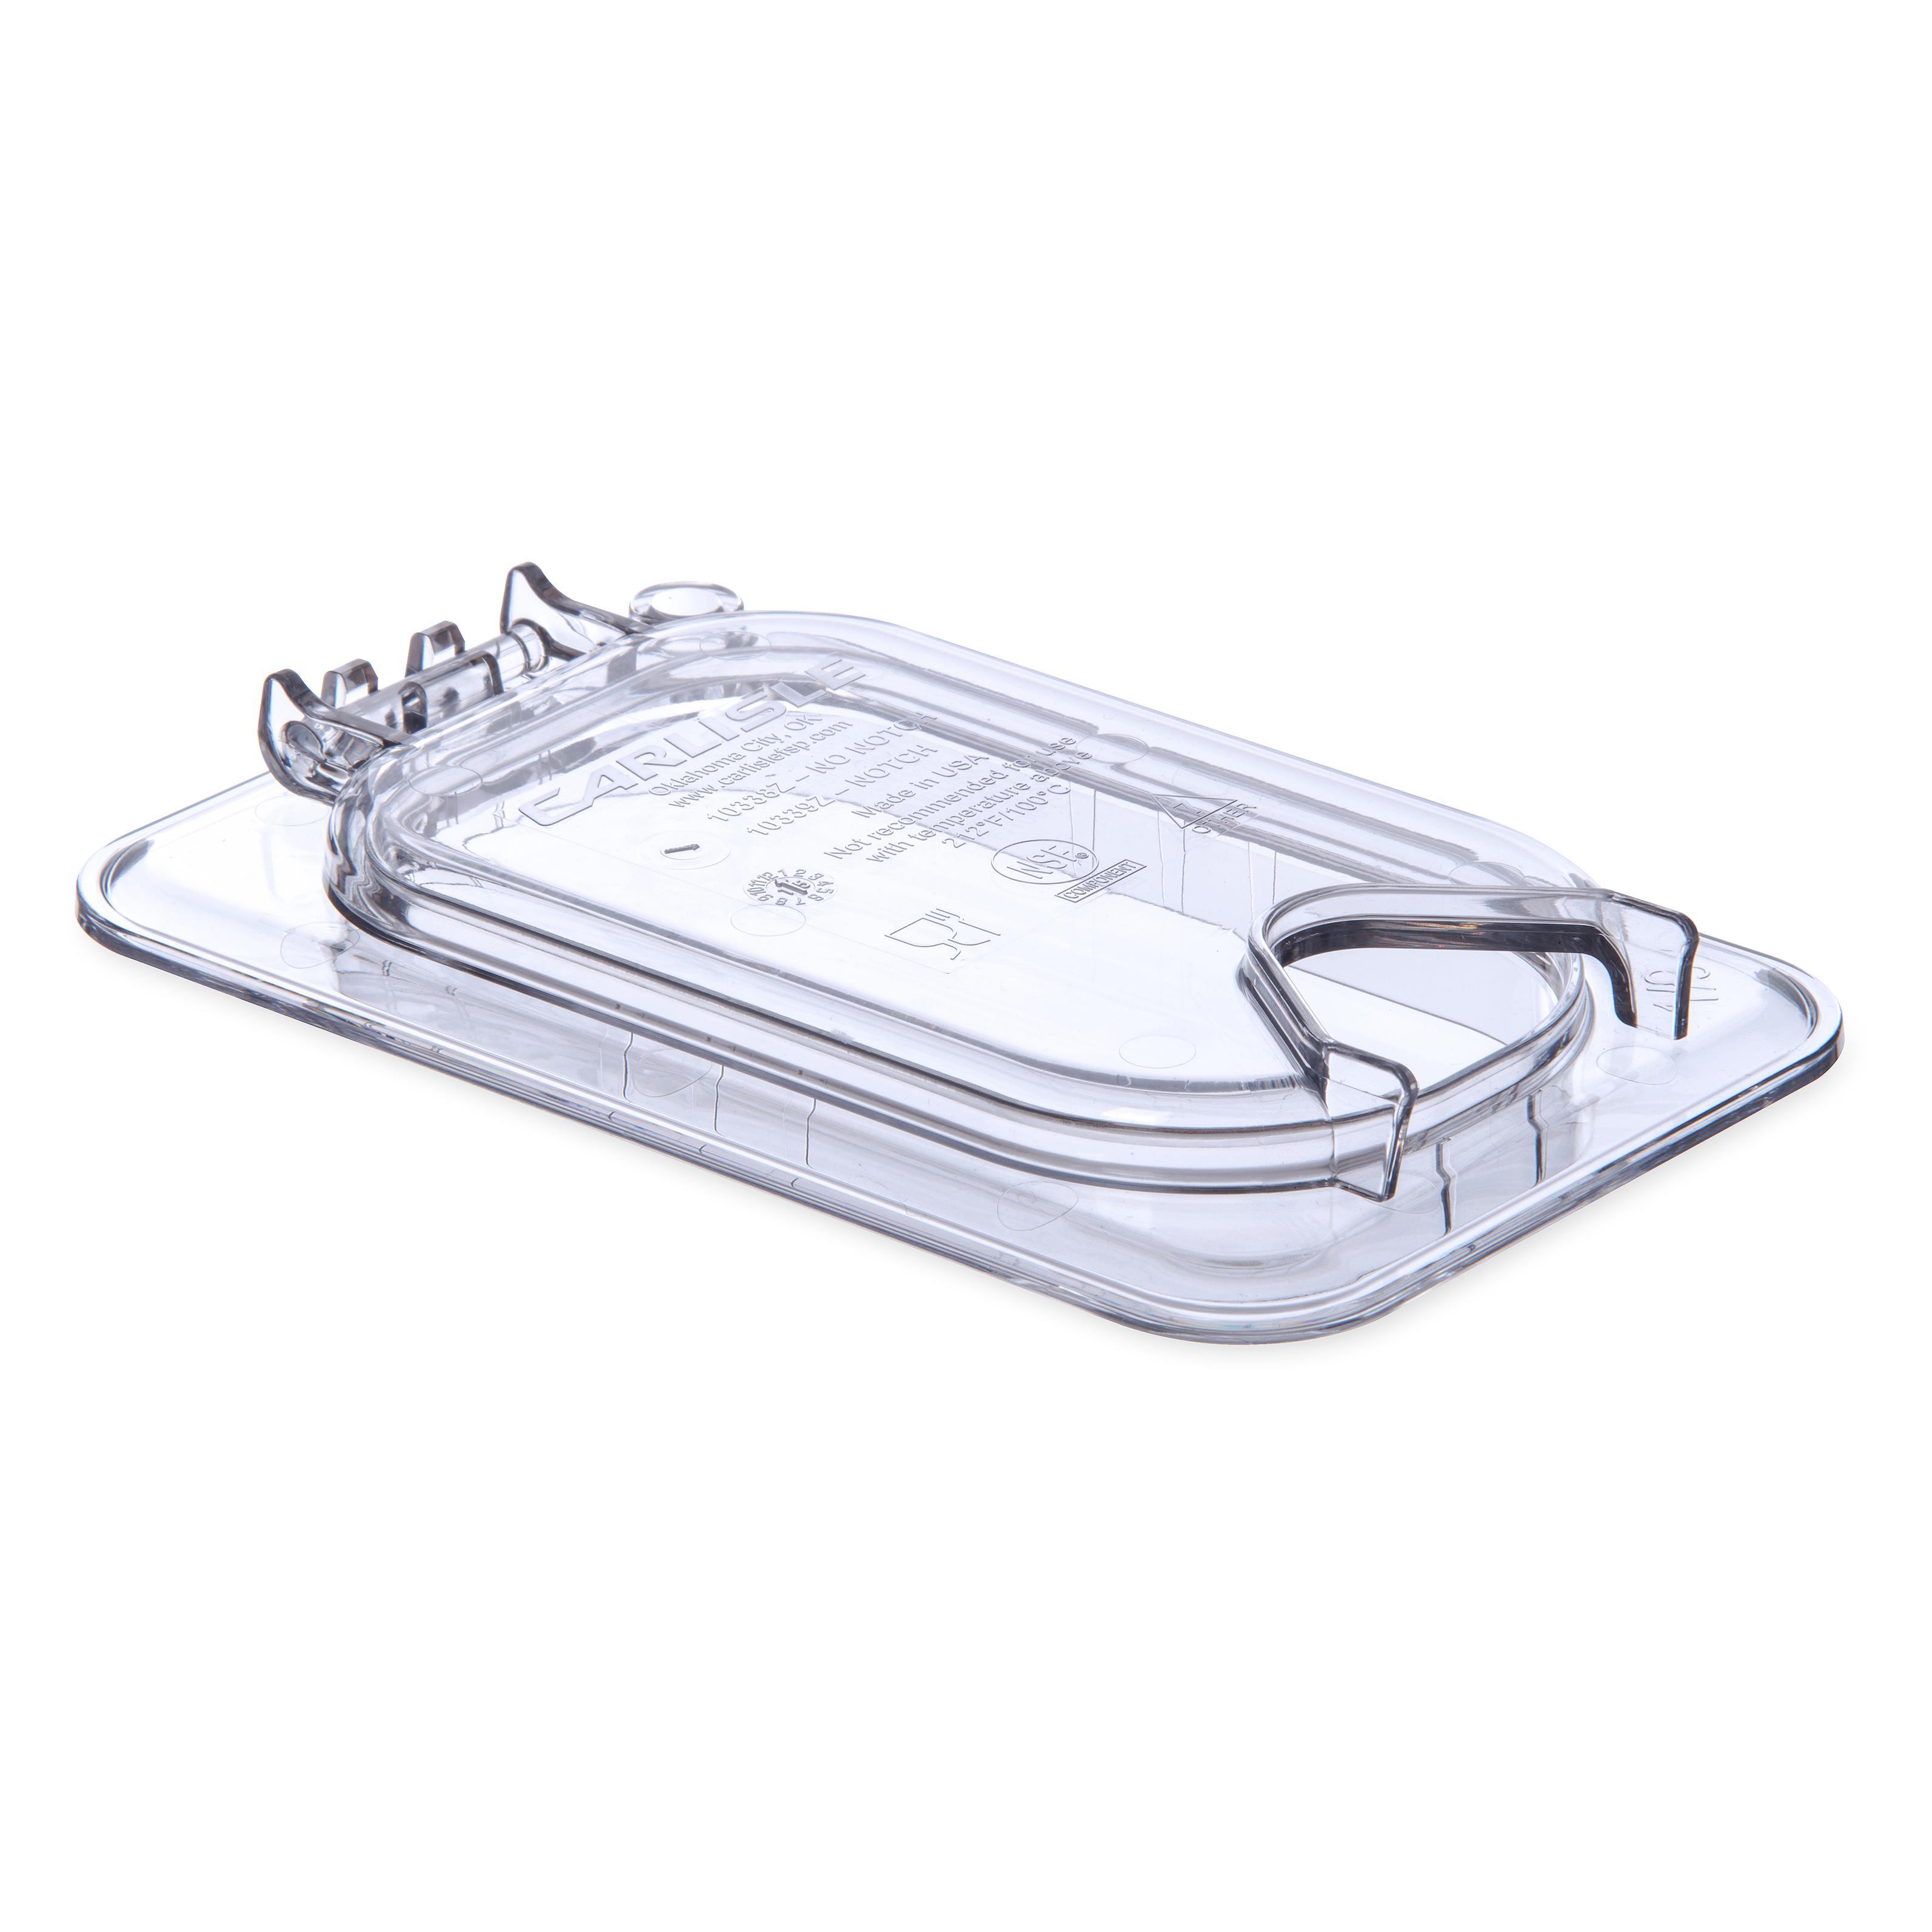 Carlisle 10339Z07 food pan cover, plastic